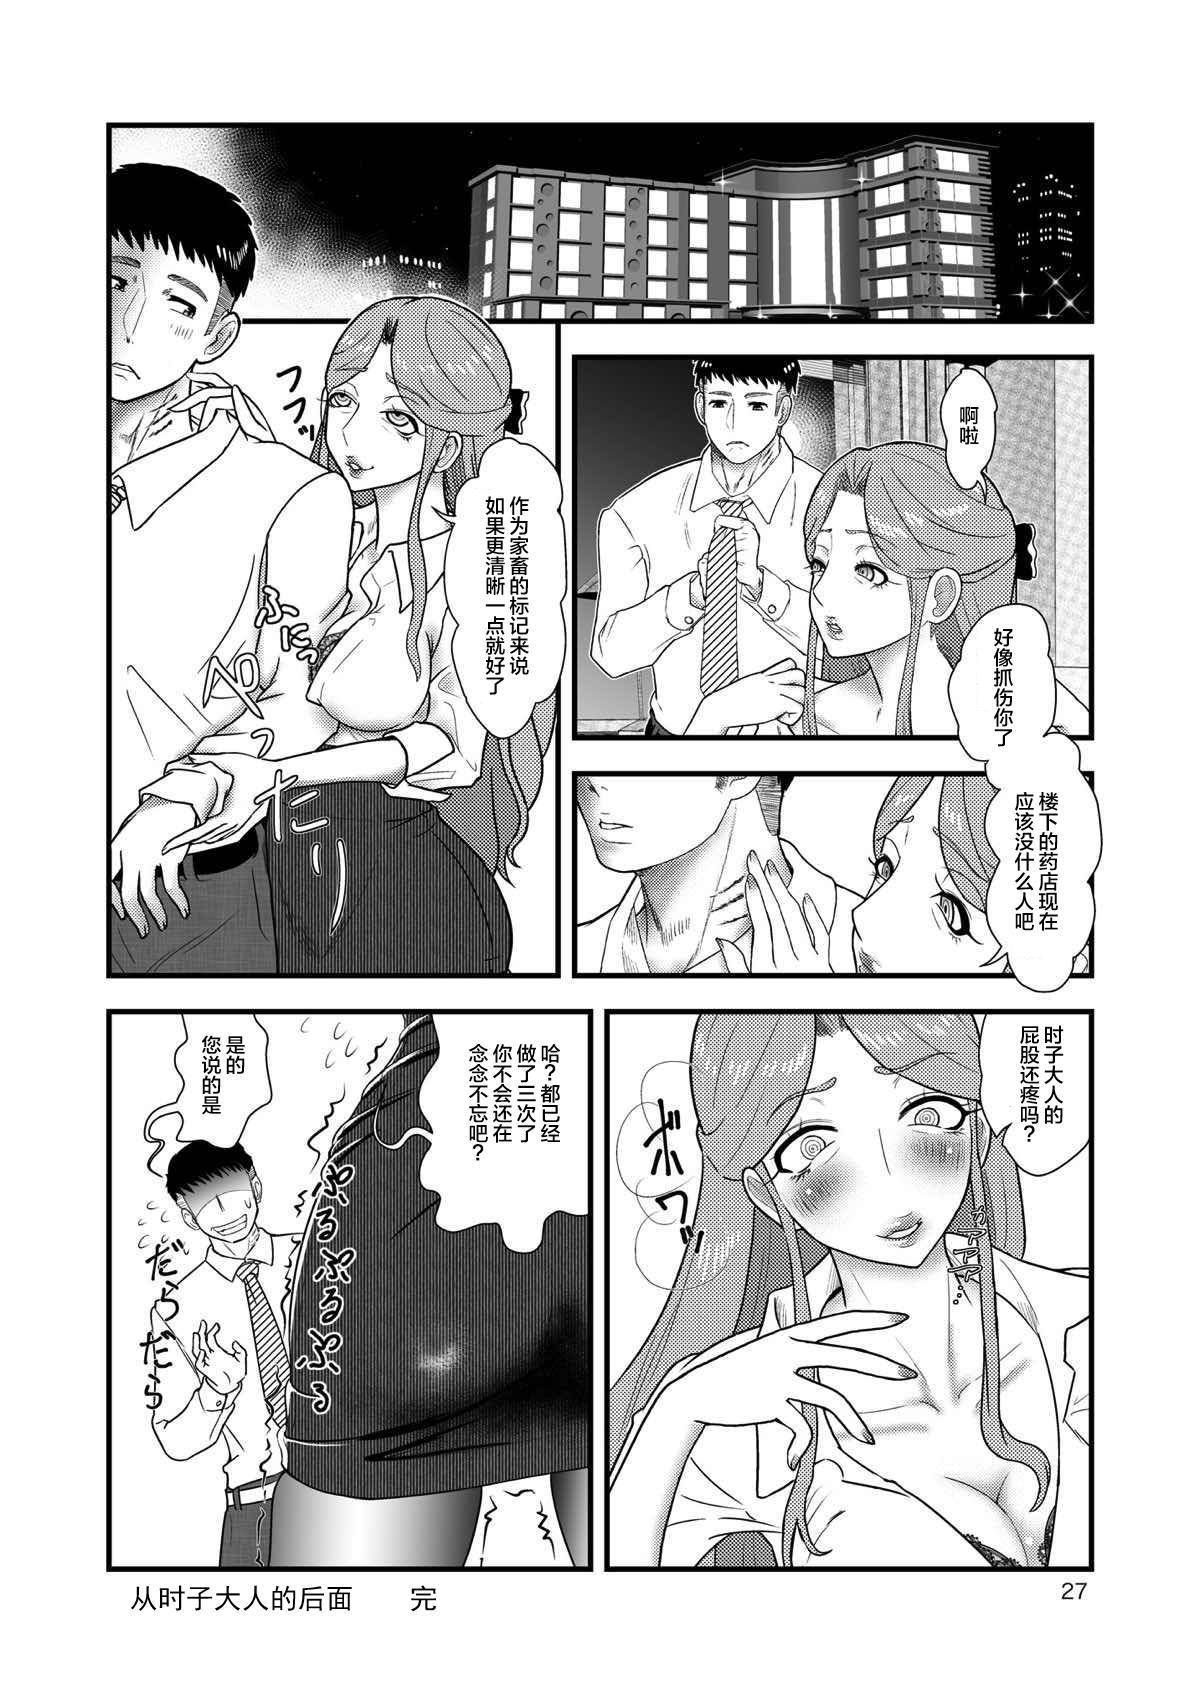 Tokiko-sama o Ushiro kara 26